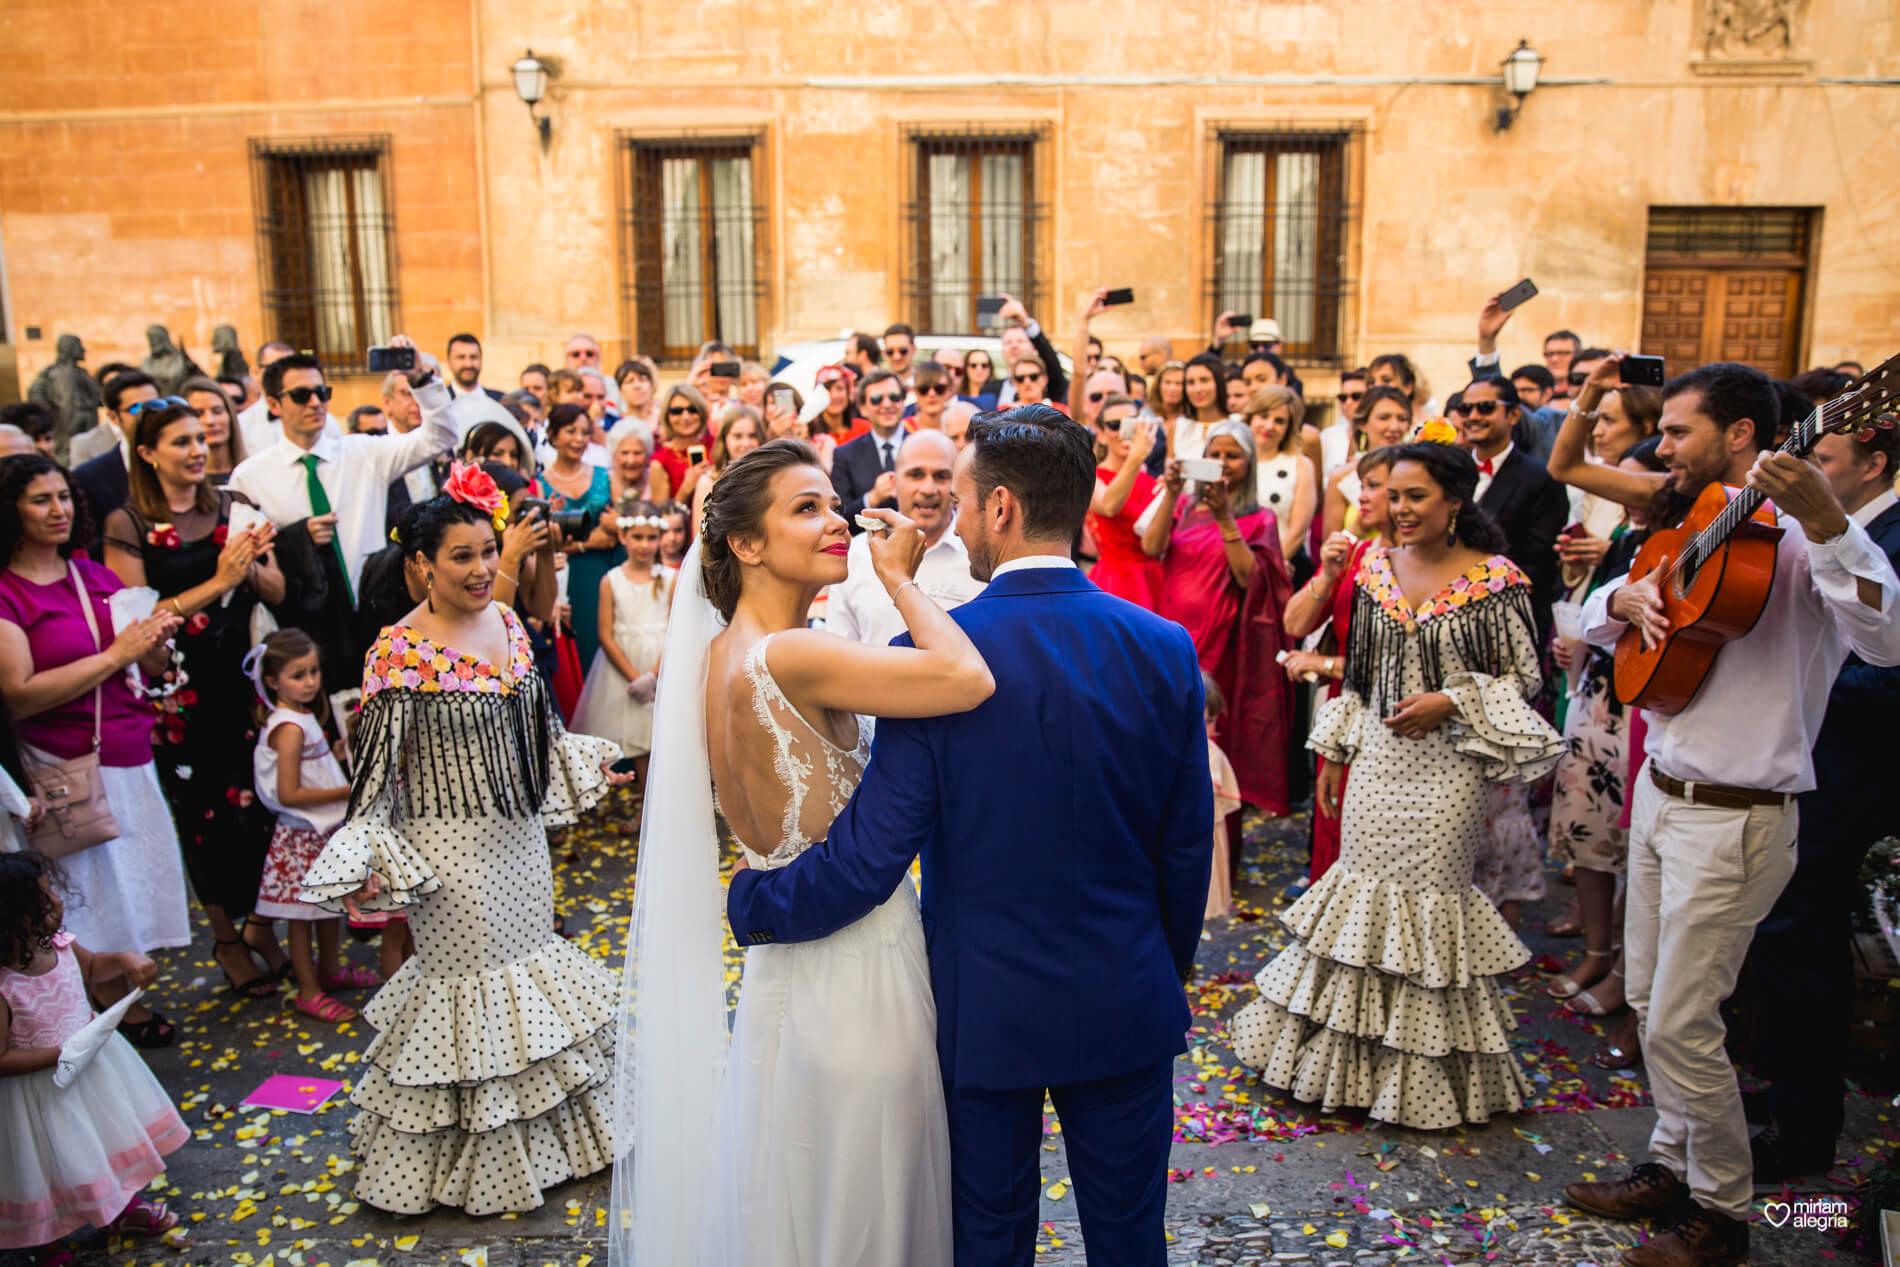 wedding-huerto-del-cura-elche-miriam-alegria-fotografos-boda-236